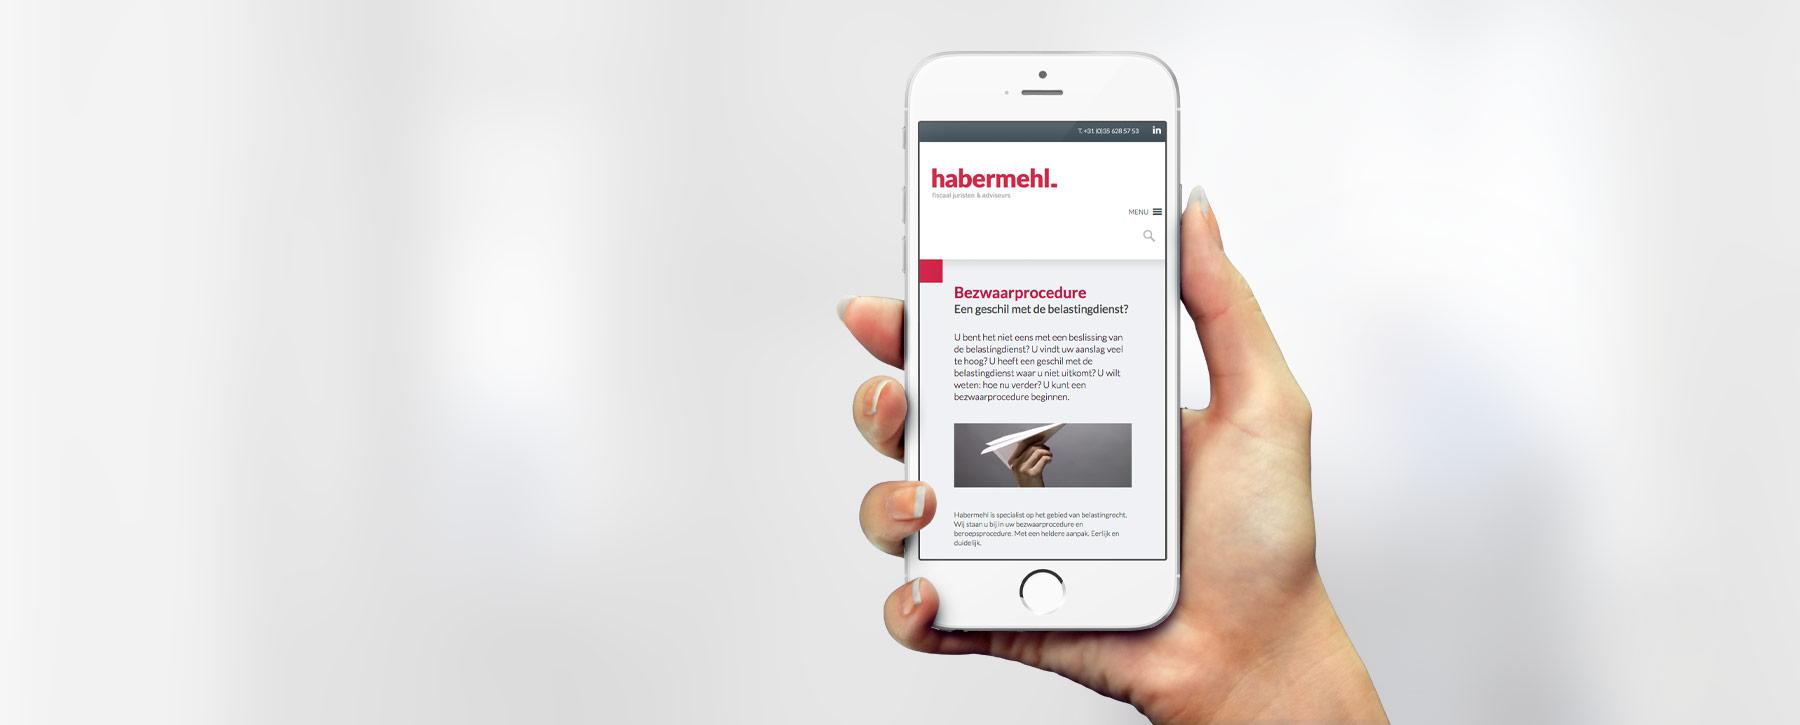 Mobile design - Habermehl.